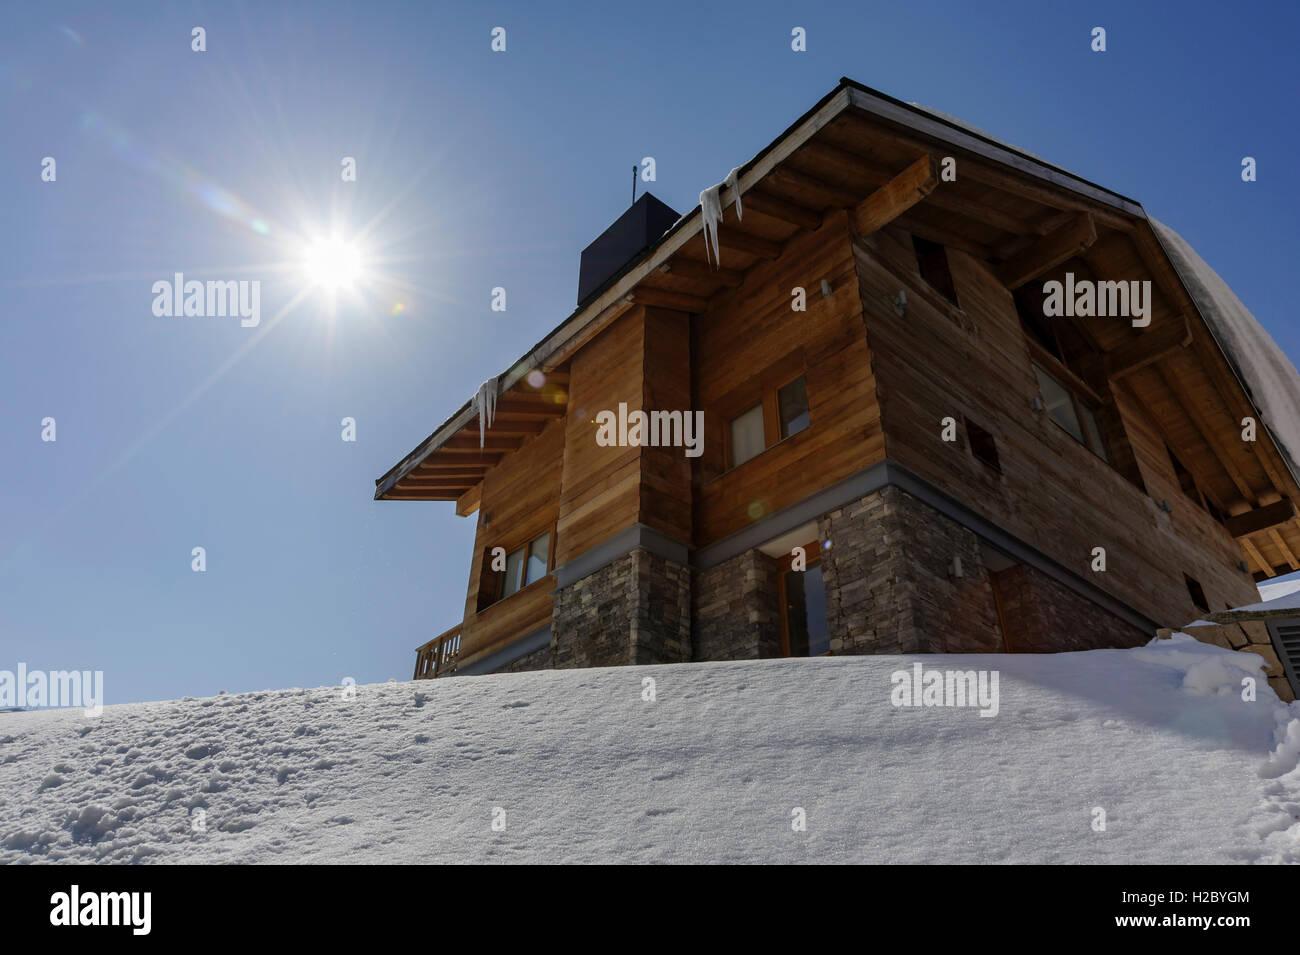 Un chalet in legno e pietra durante il periodo invernale in Kfardebian Mzaar ski resort in Libano (contre-jour) Immagini Stock